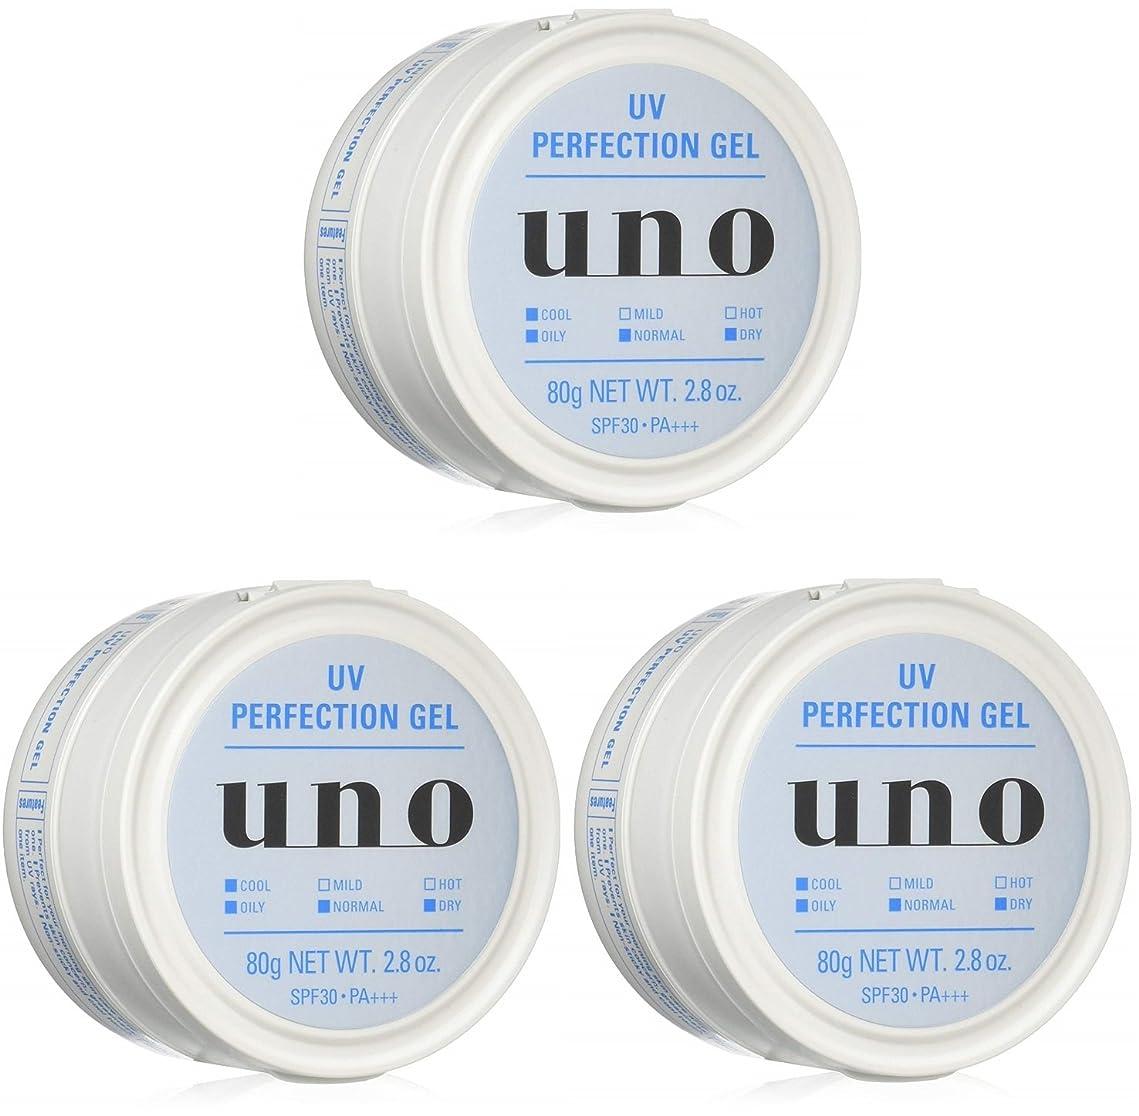 集中メッセージビザ【資生堂】ウーノ(uno) UVパーフェクションジェル 80g SPF30/PA+++ ×3個セット